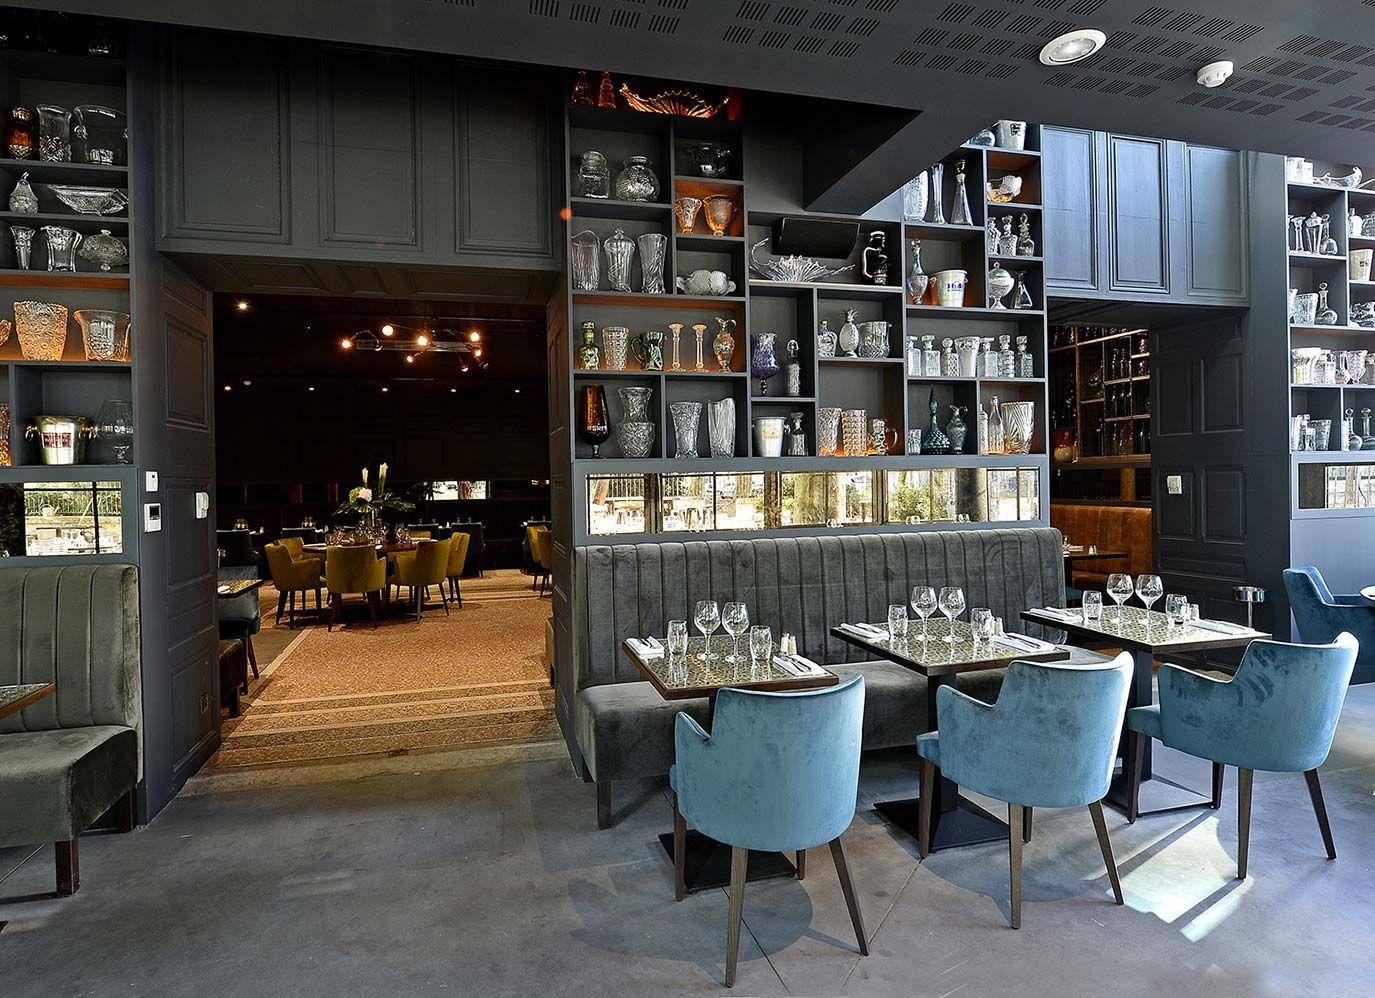 restaurant la maison sur r servation pinterest maison bar et lyon. Black Bedroom Furniture Sets. Home Design Ideas